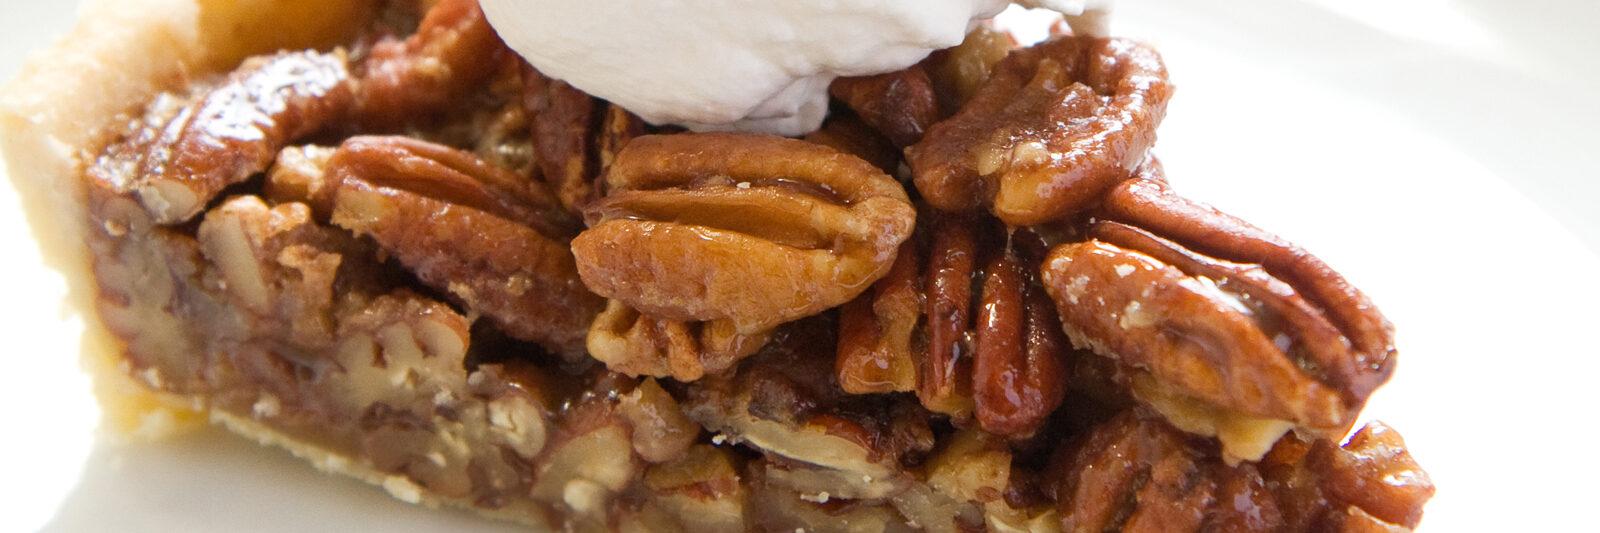 BrasstownValleyResort Header Pecan Pie